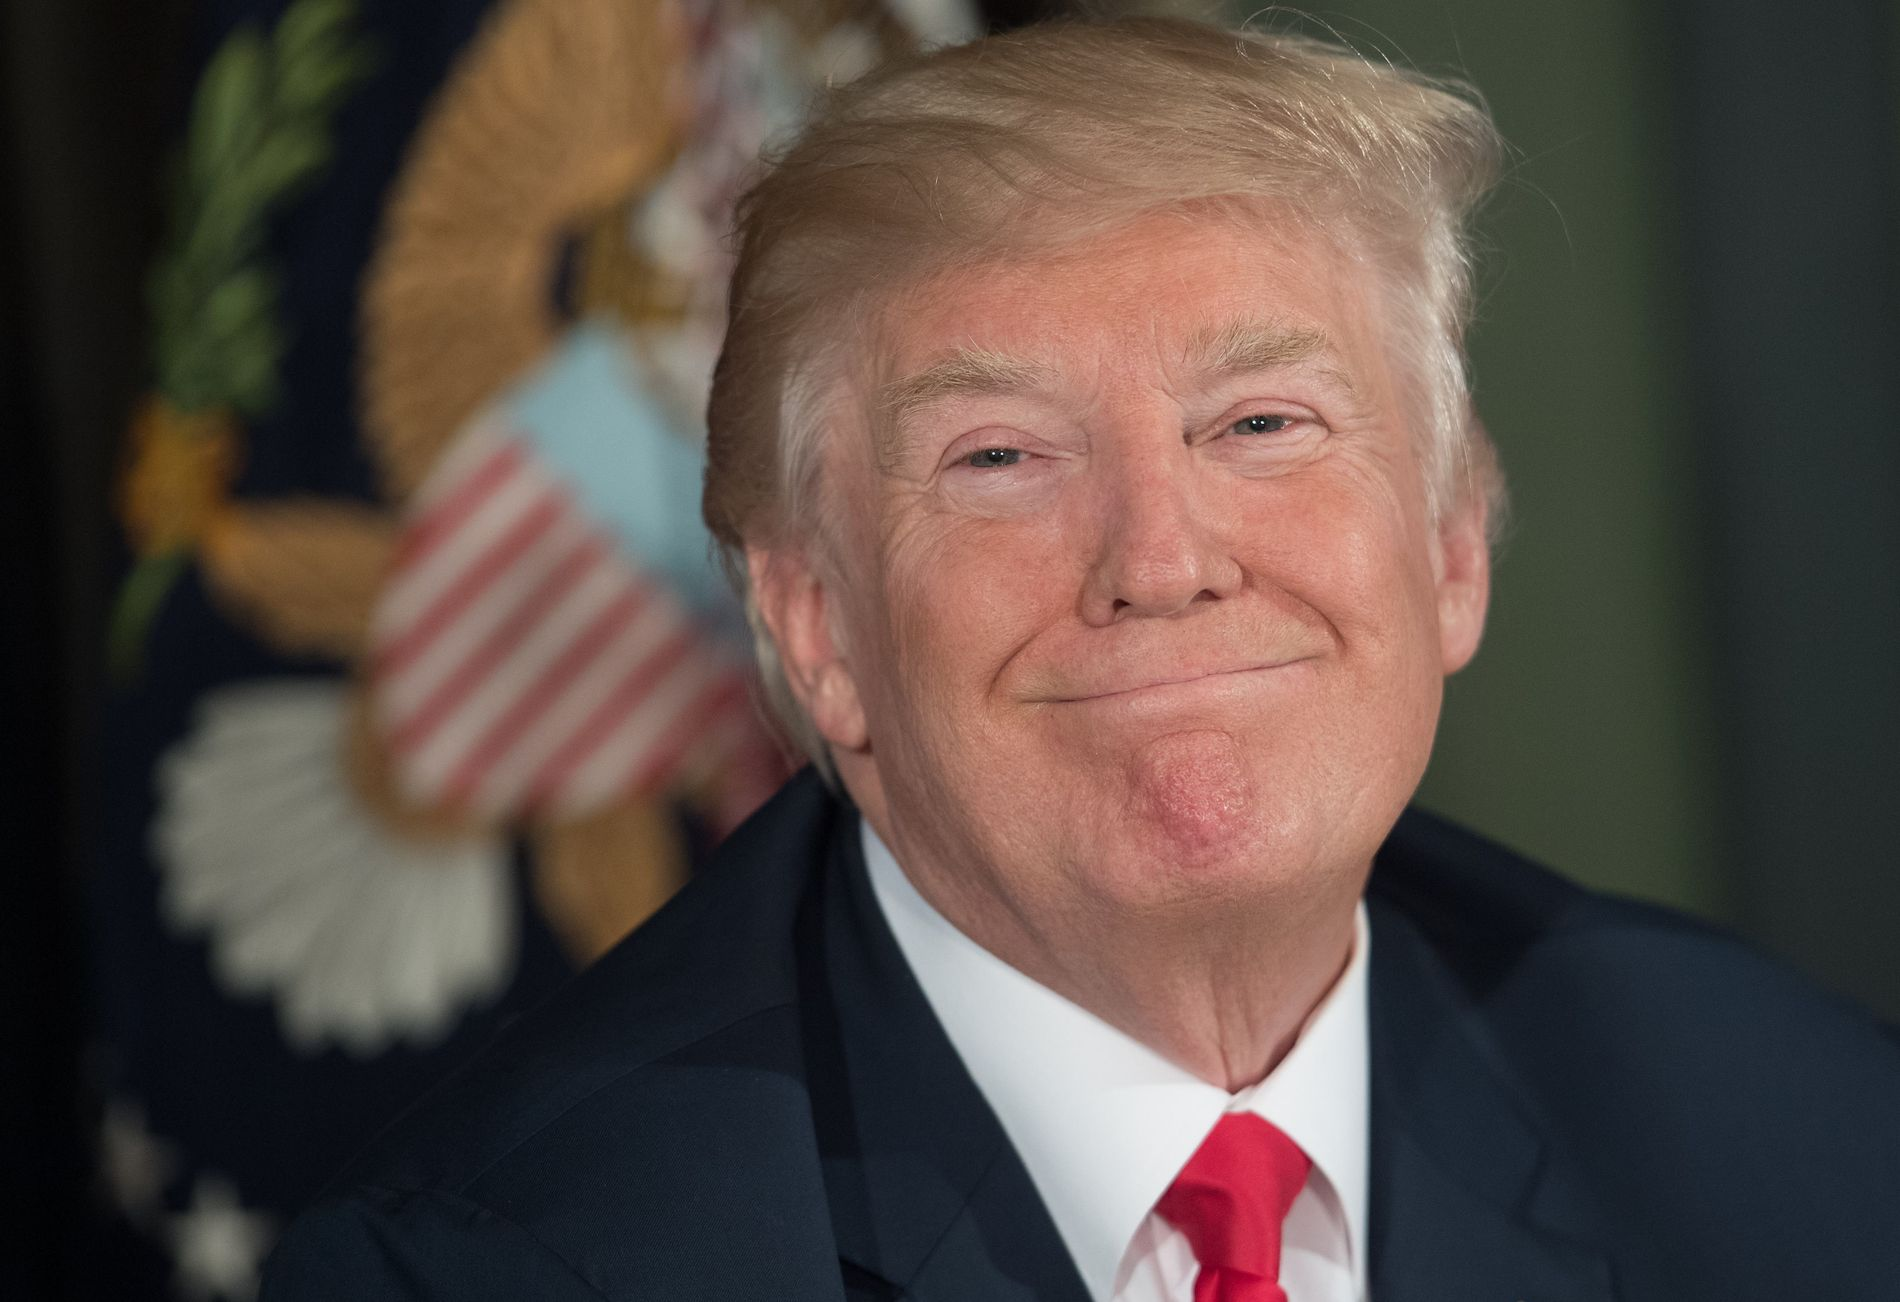 FORNØYD: Donald Trump skryter på Twitter over alle tingene han mener å ha fått til som president så langt.